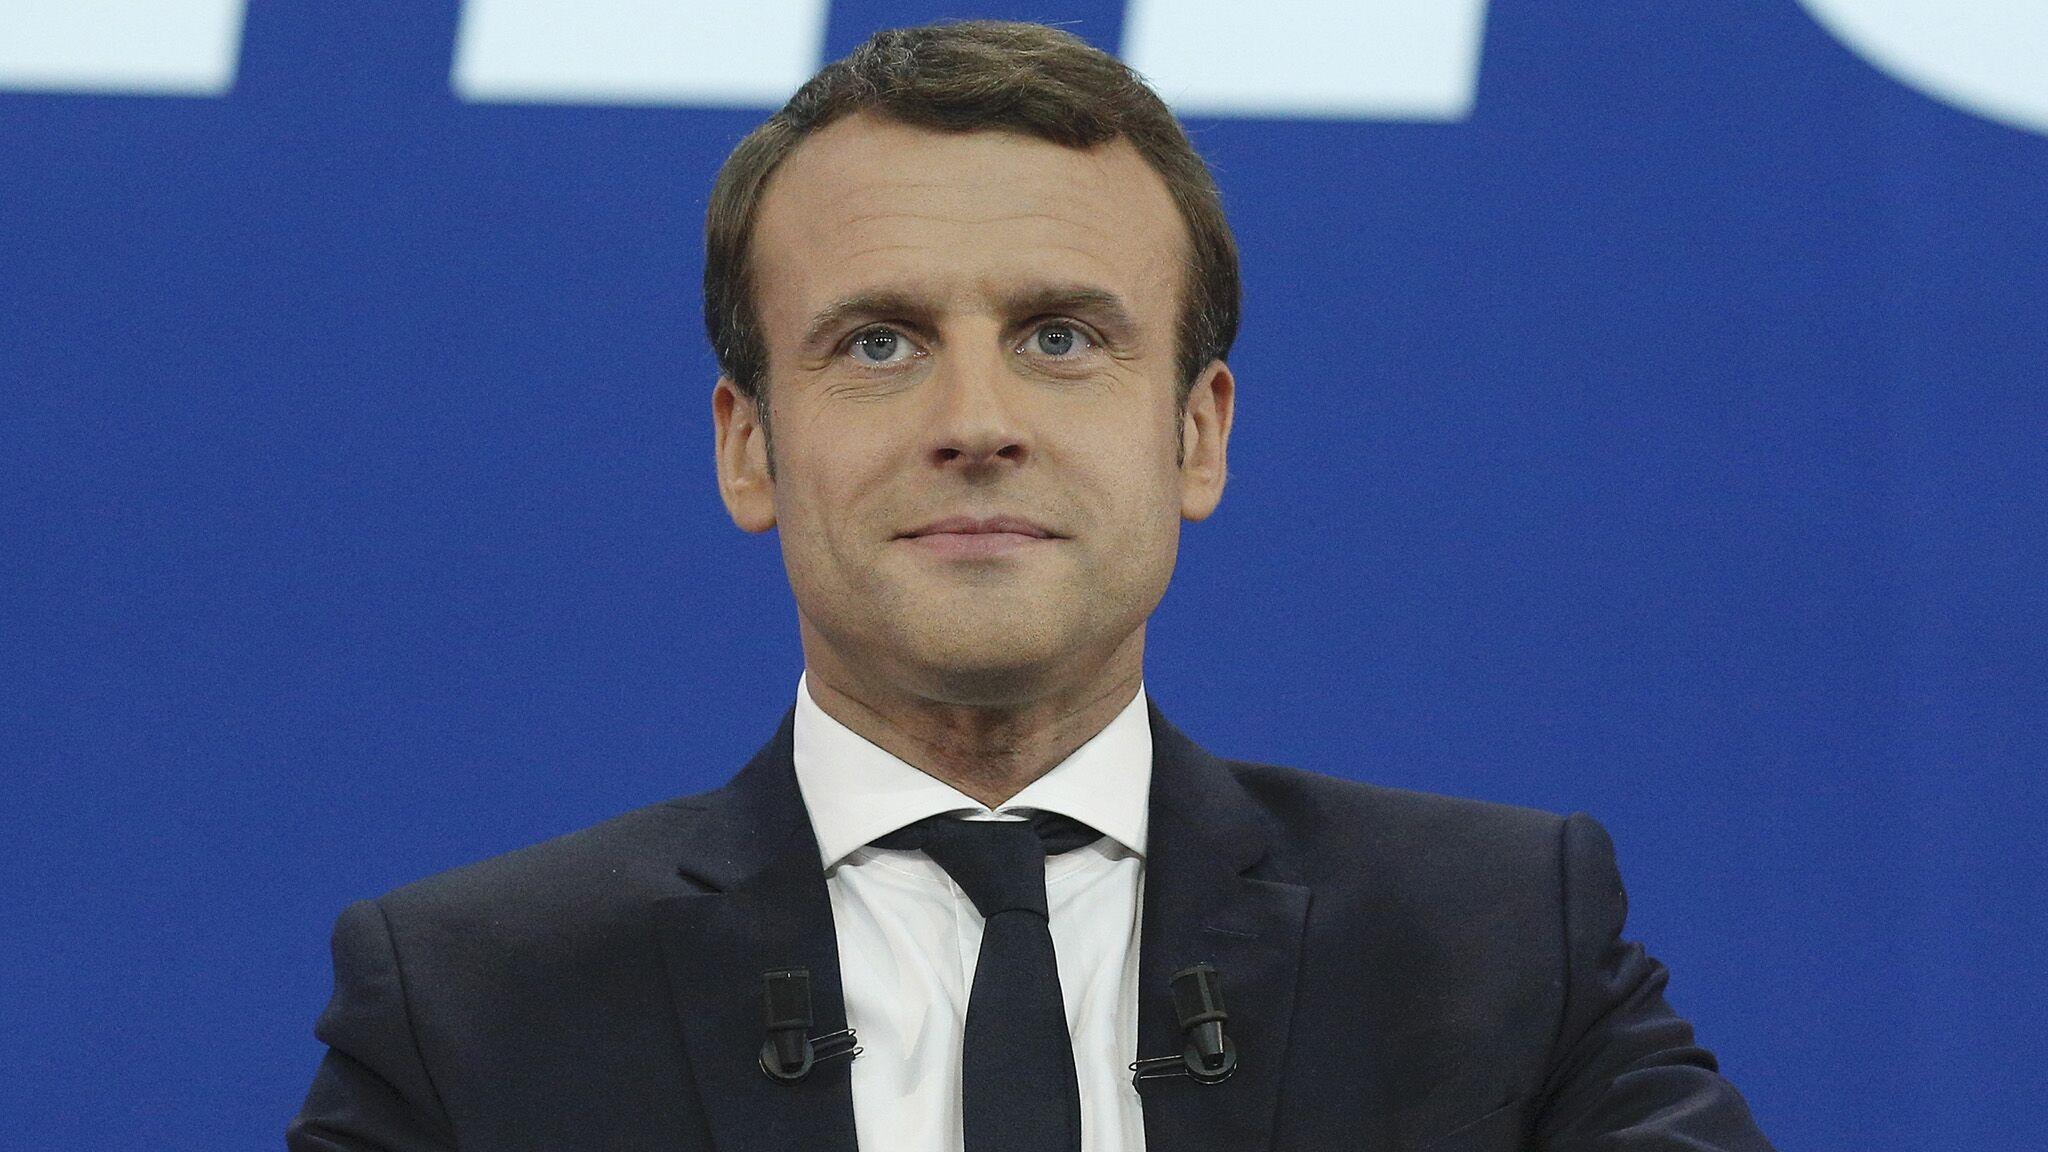 Ses Parents Son Frere Sa Sœur La Si Discrete Famille D Emmanuel Macron Se Devoile Voici